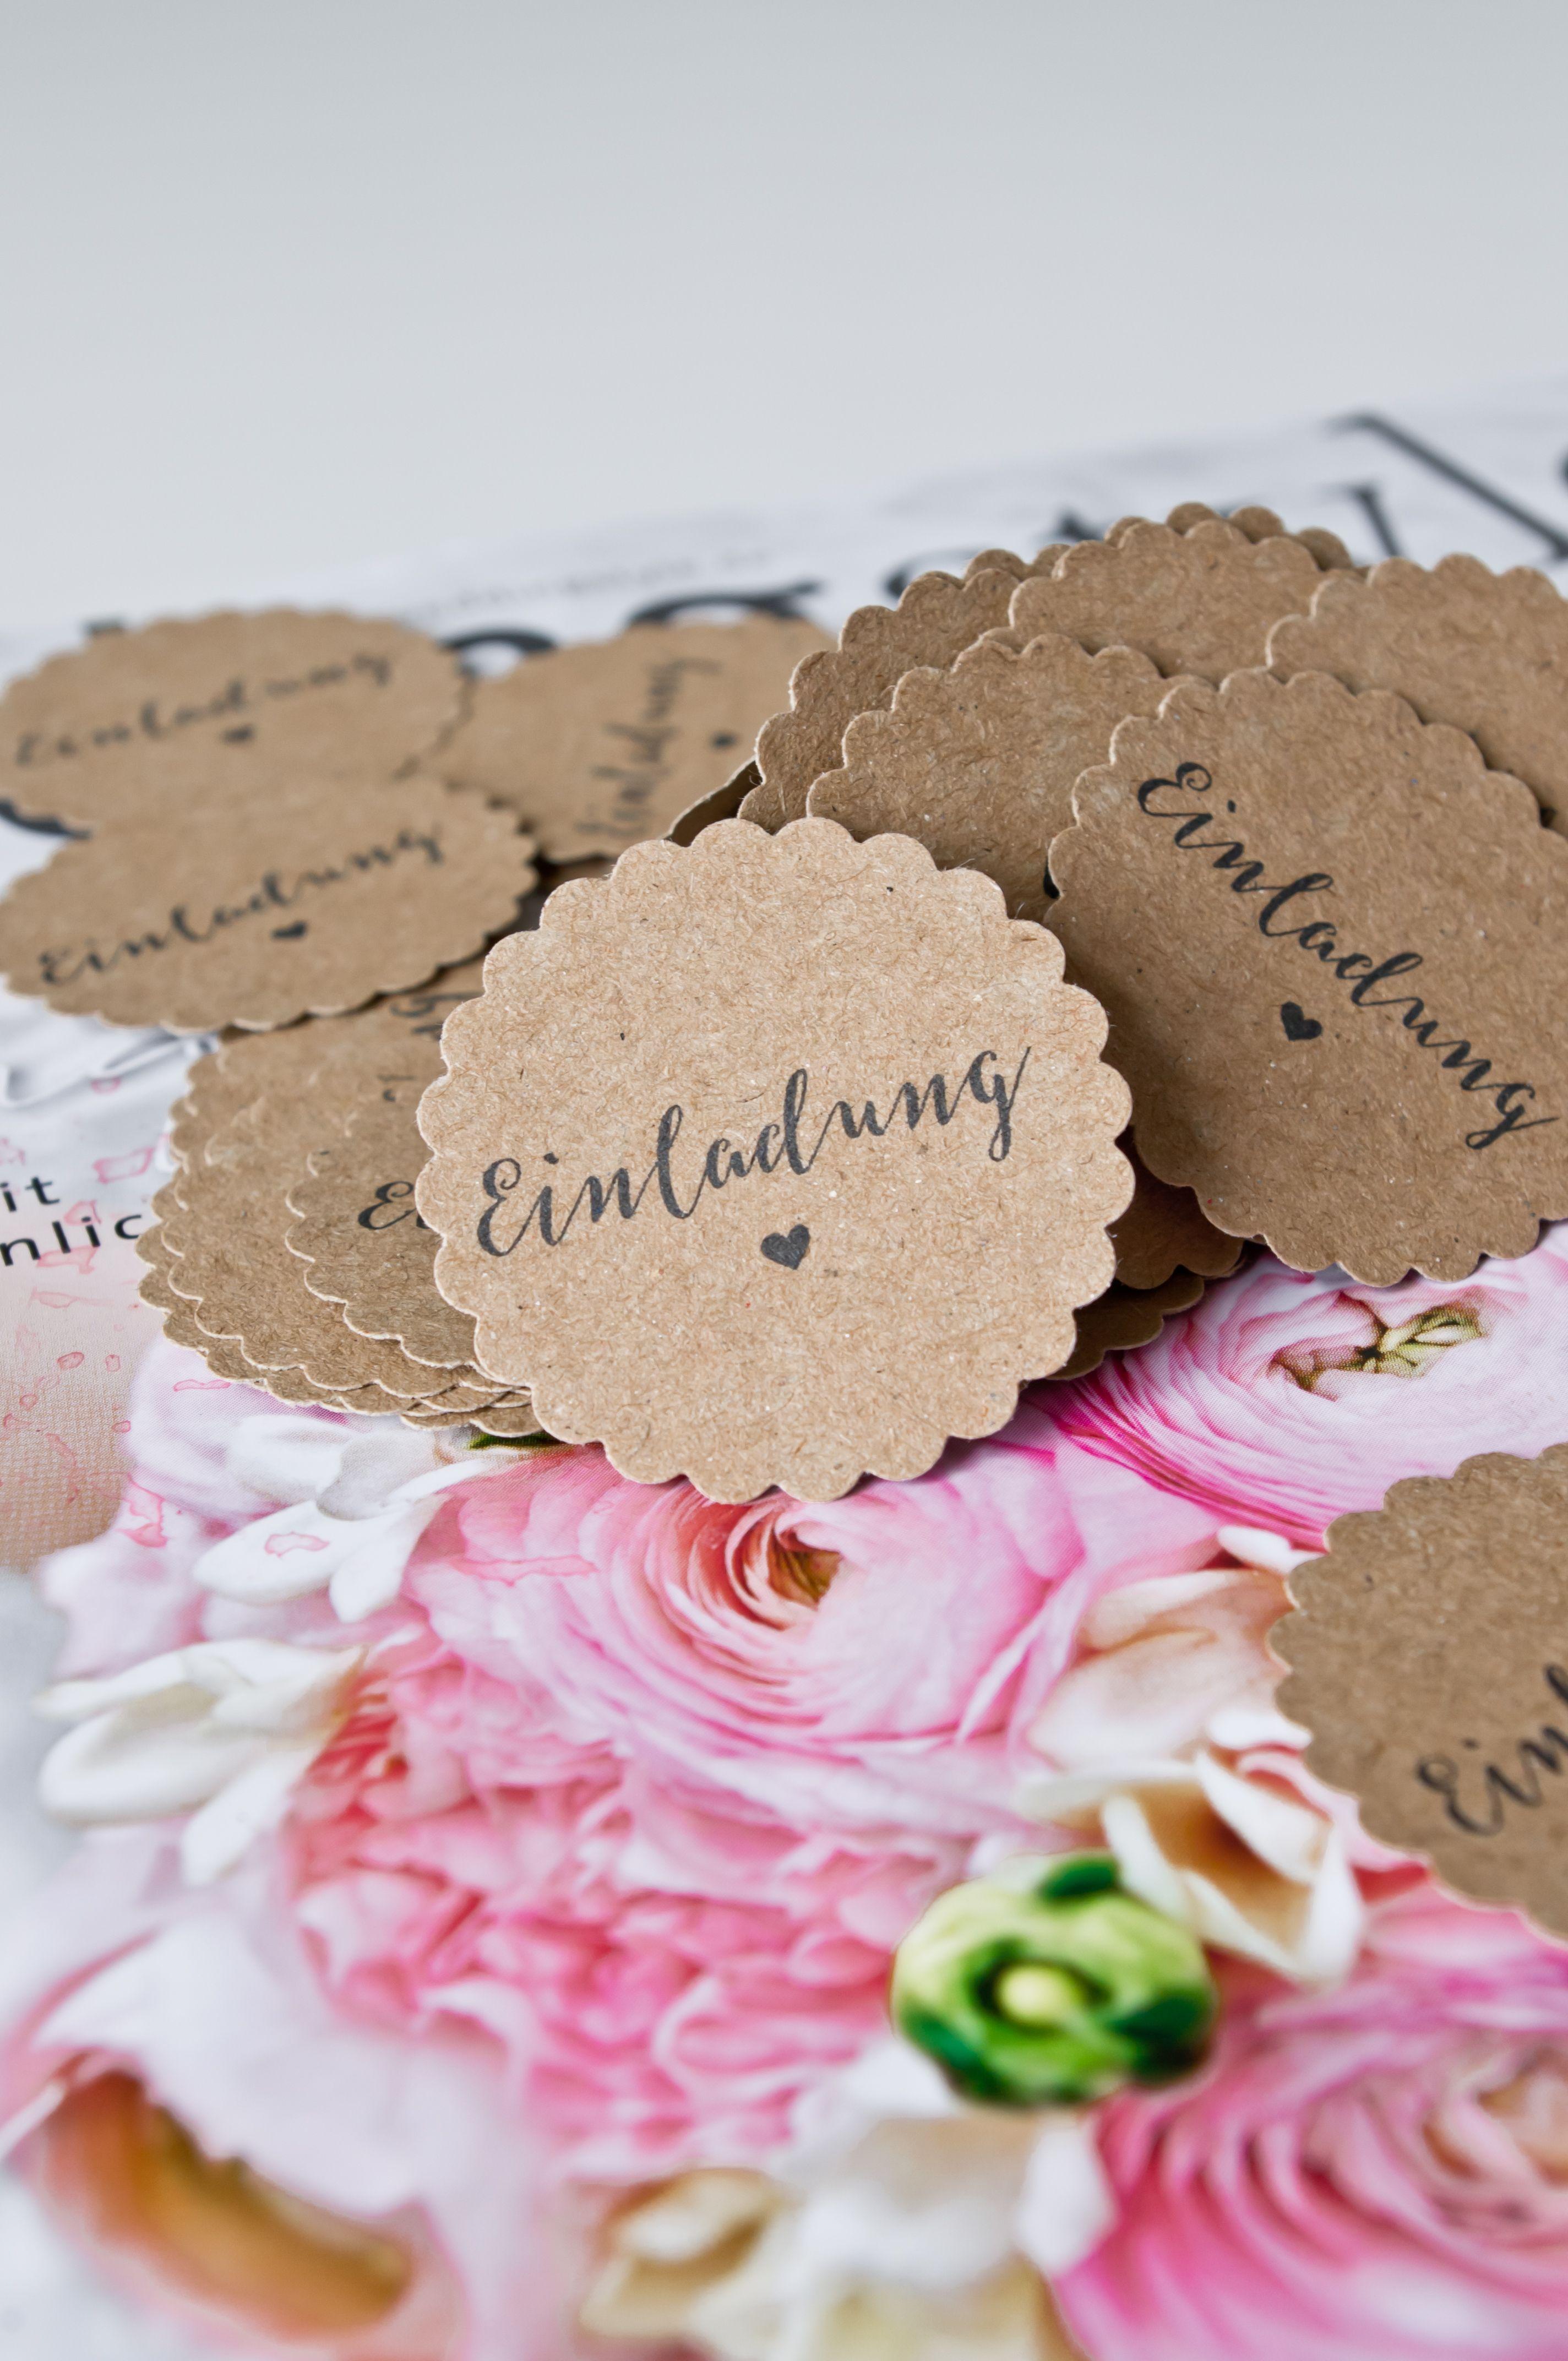 #Anhänger #Kraftpapier #Papieranhänger #Einladung #personalisiert #Hochzeit  #wedding #hochzeitsbastelei